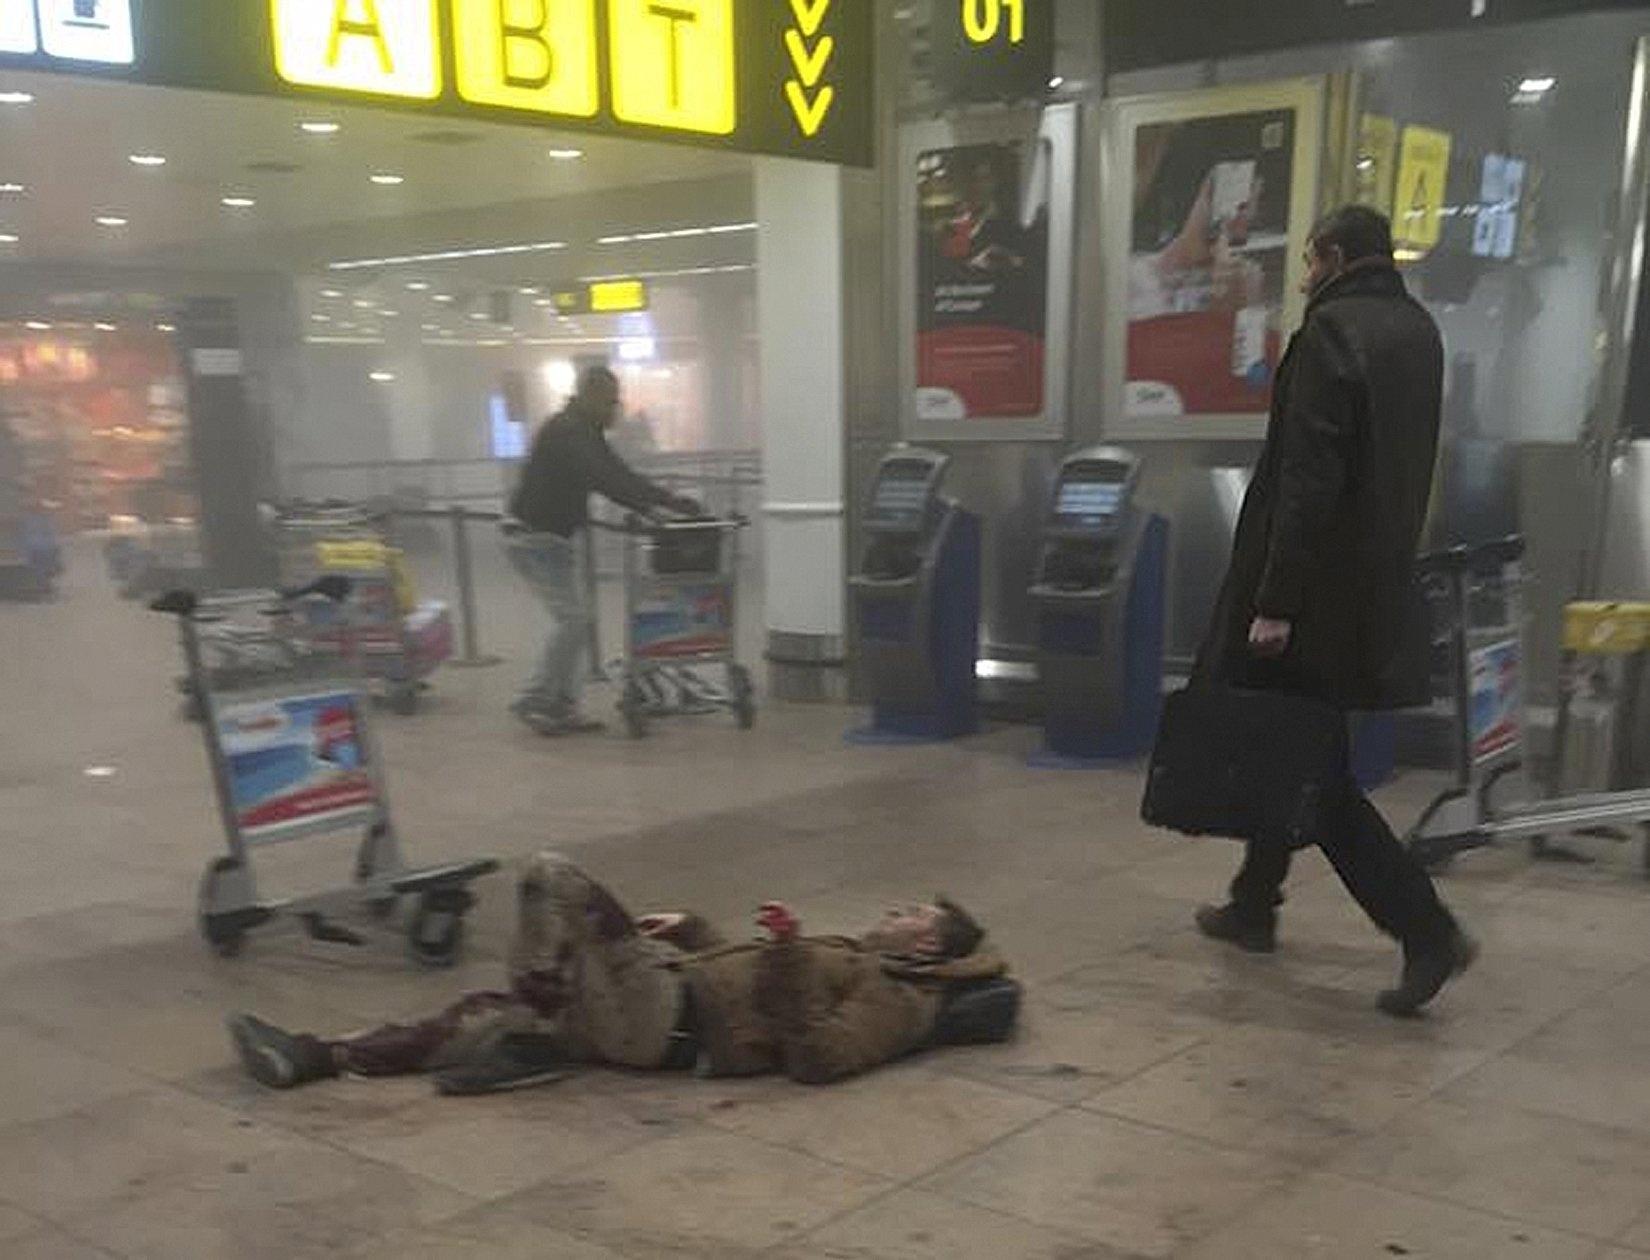 22.mar.2016 - Homem fotografado caído no chão do aeroporto internacional de Bruxelas é uma das vítimas de bomba em um atentado terrorista coordenado que atingiu a Bélgica na manhã desta terça-feira. Foram relatadas duas explosões no aeroporto Zaventem. Uma hora depois, outra explosão ocorreu em uma estação de metrô da capital belga